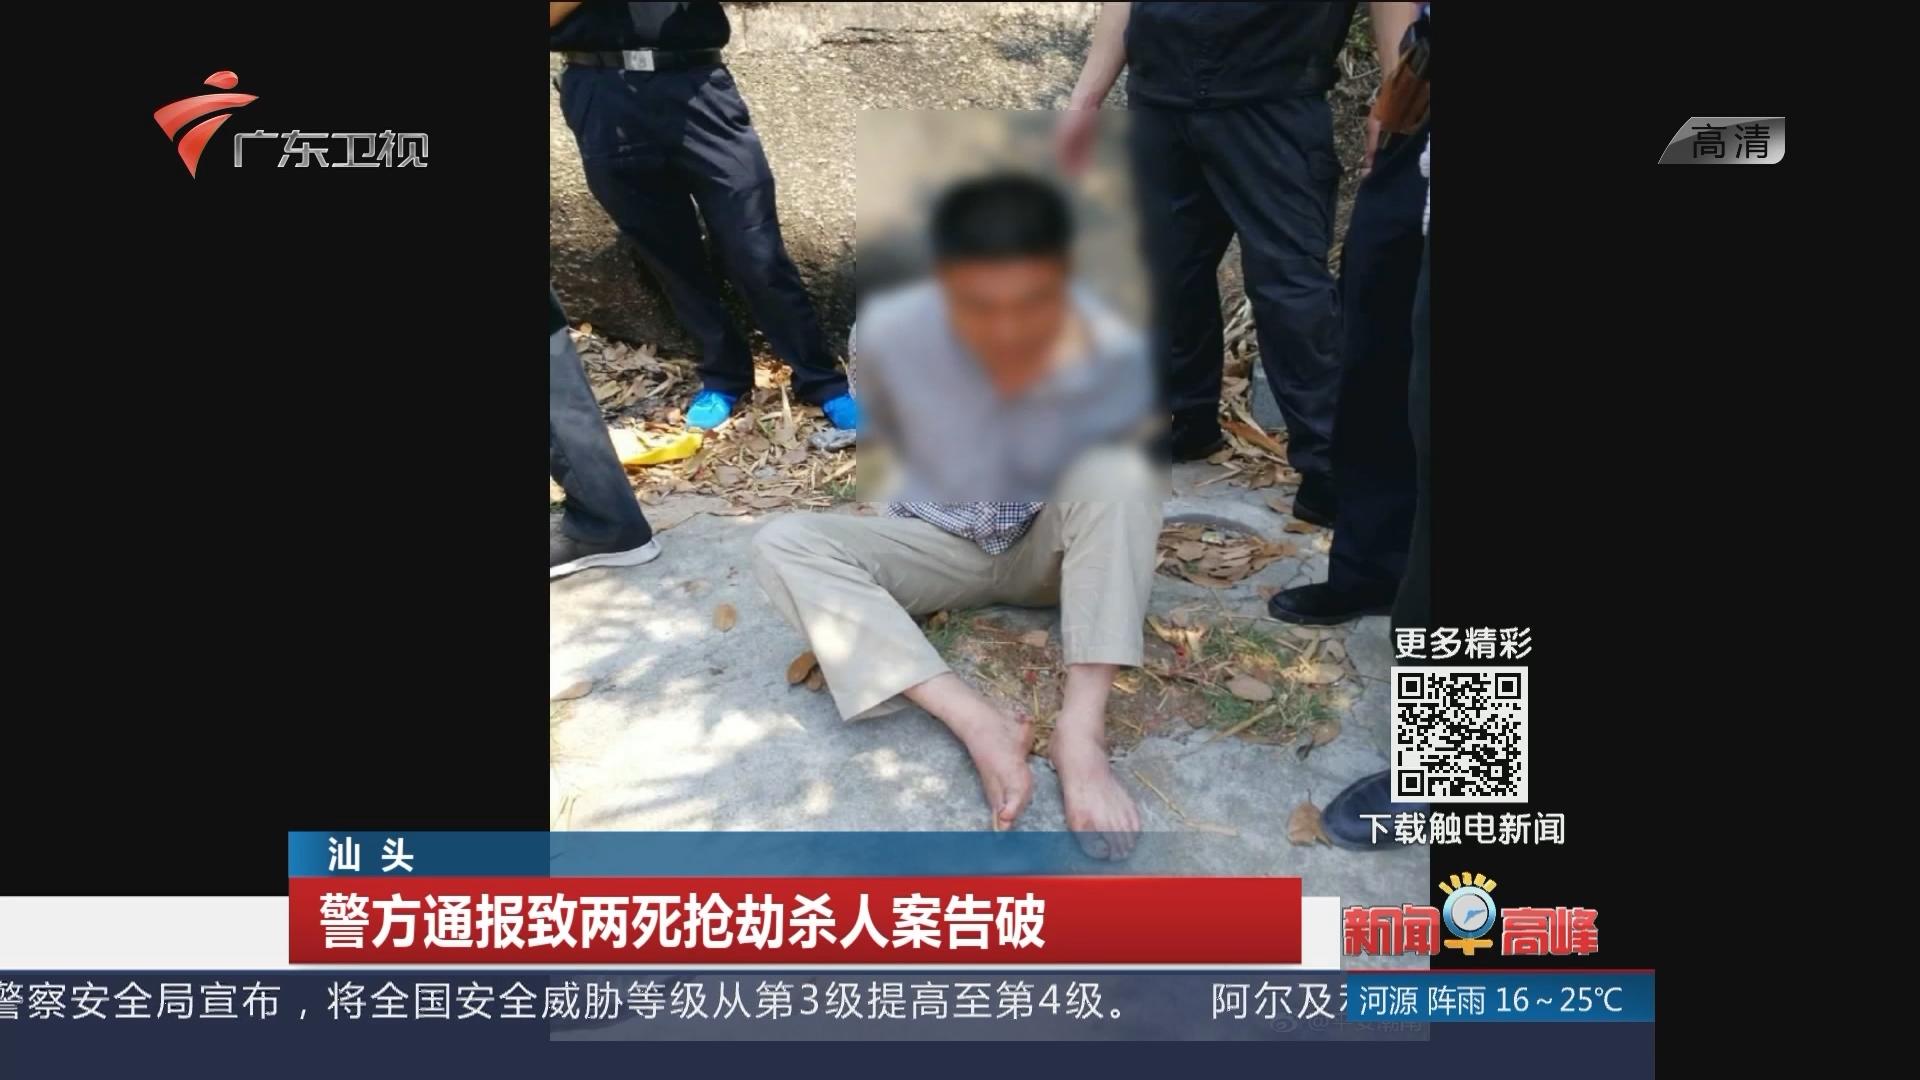 汕头:警方通报致两死抢劫杀人案告破